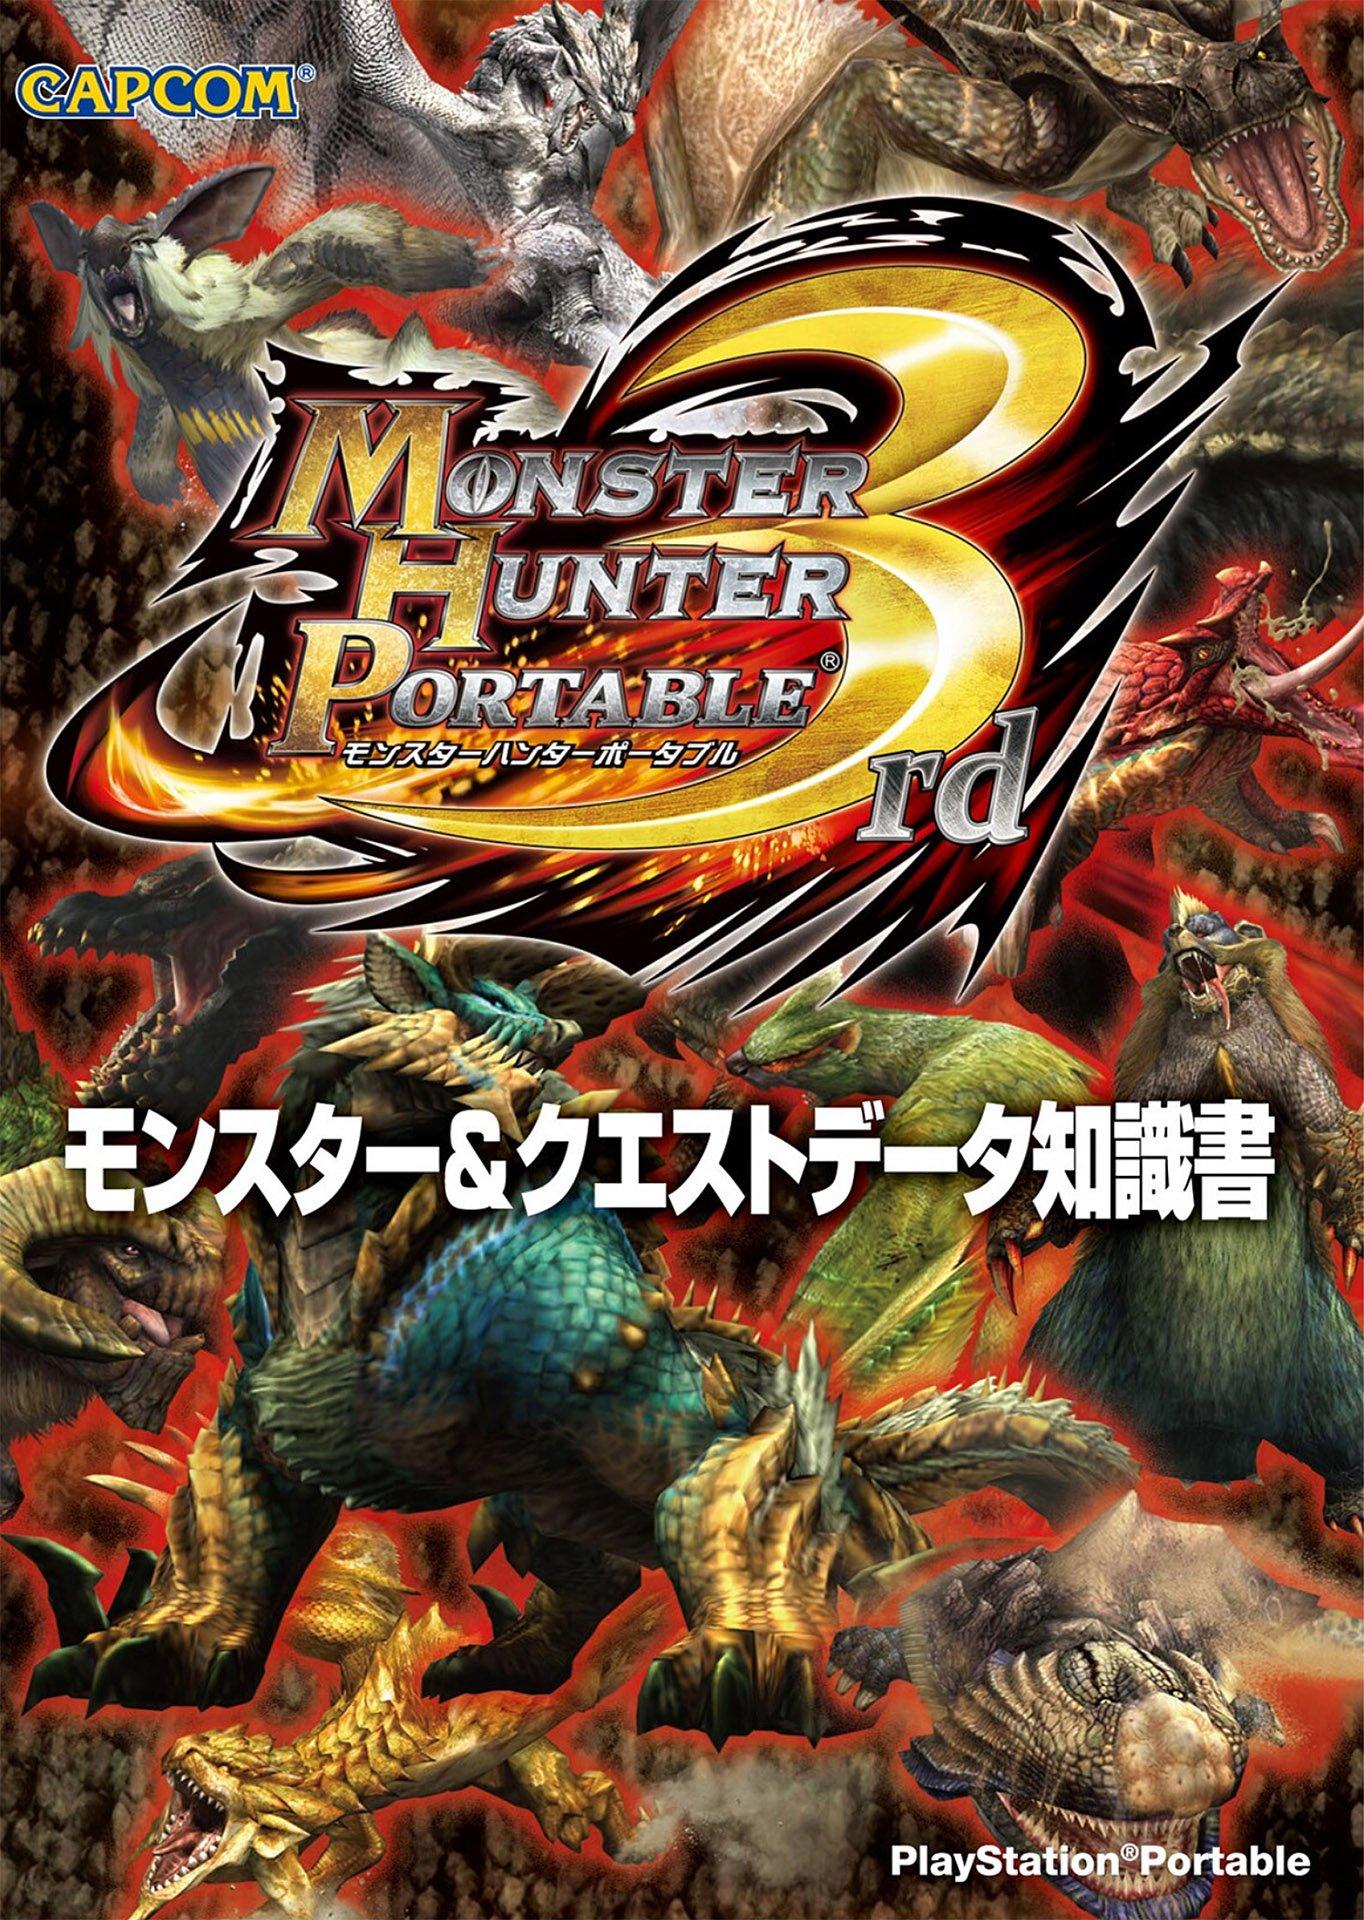 Monster Hunter Portable 3rd - Monster and Quest Data chishiki-sho